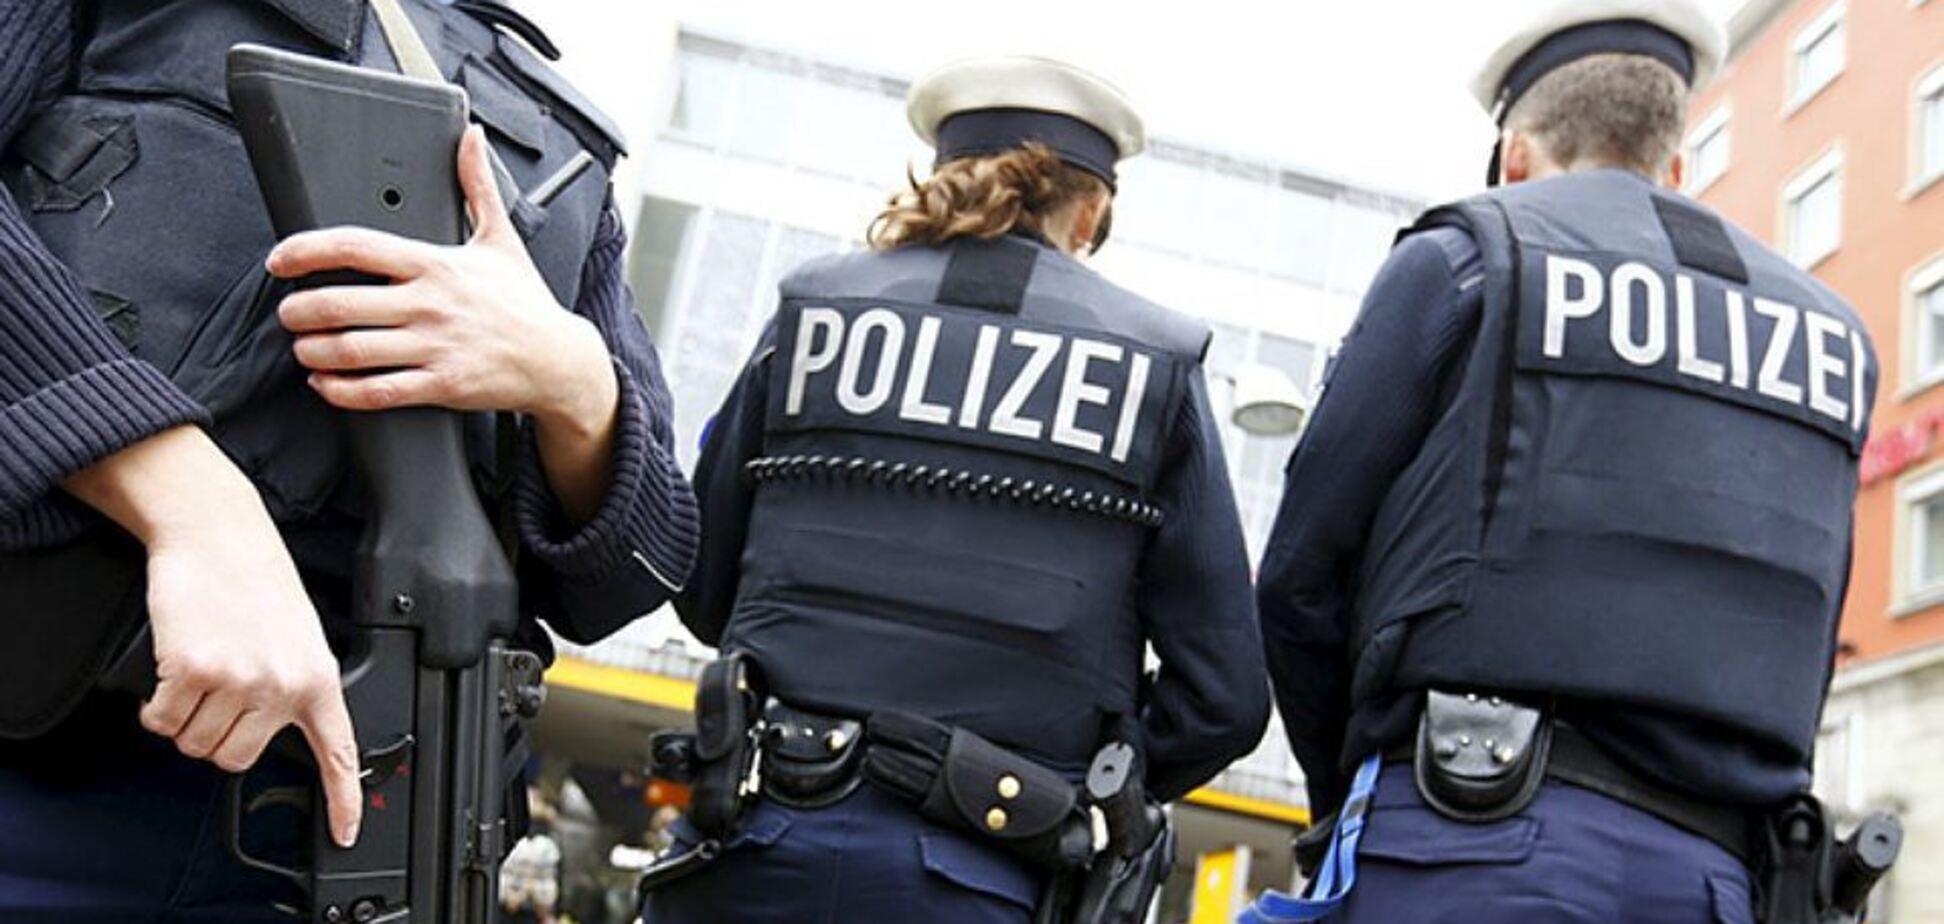 В Германии мужчина расстрелял родственников: погибли 6 человек, 2 раненых